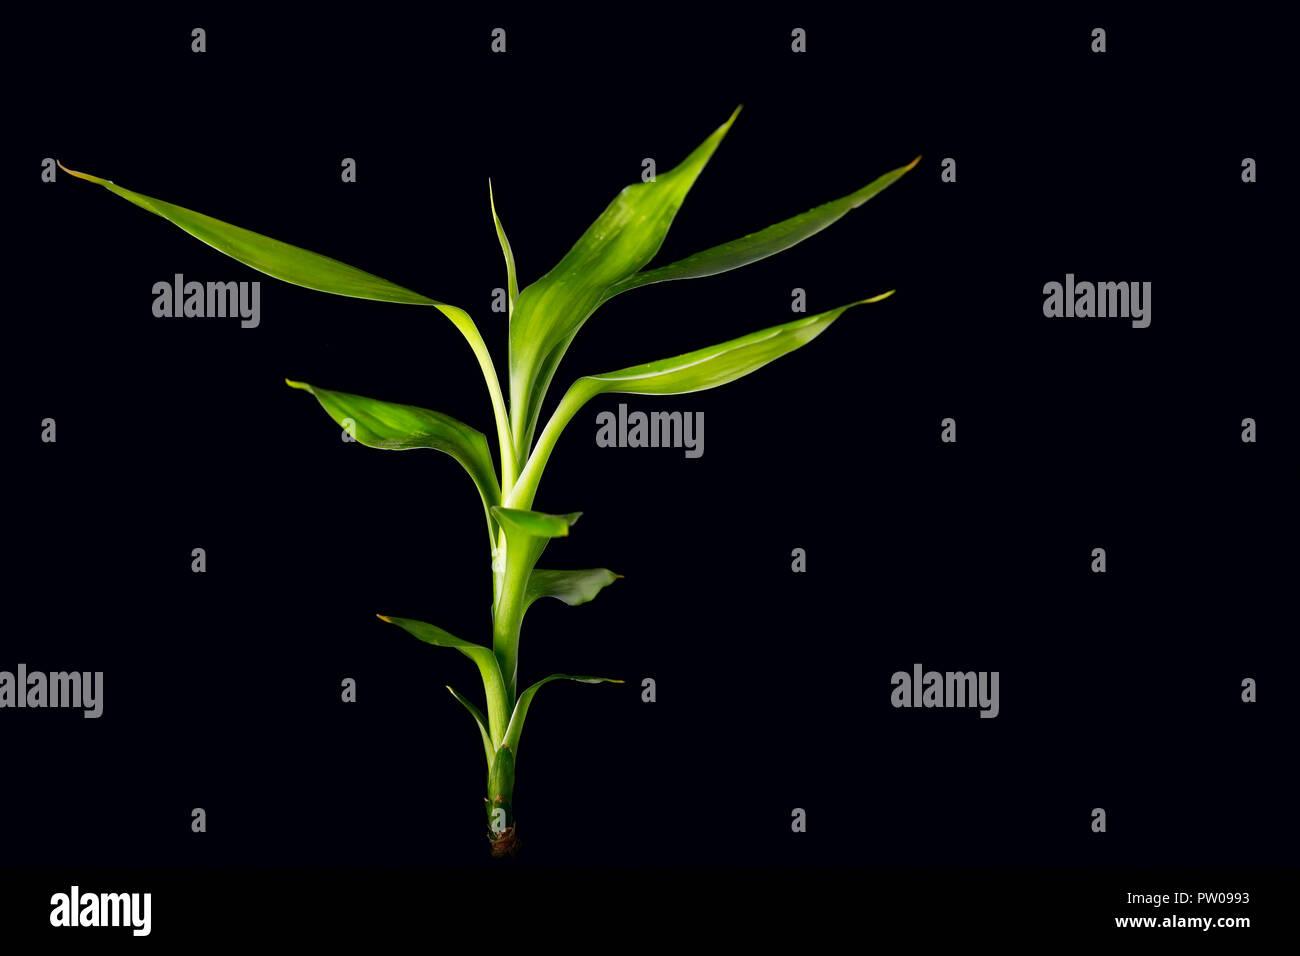 Ecologia Concetto di immagine con bambù levetta su sfondo nero Immagini Stock